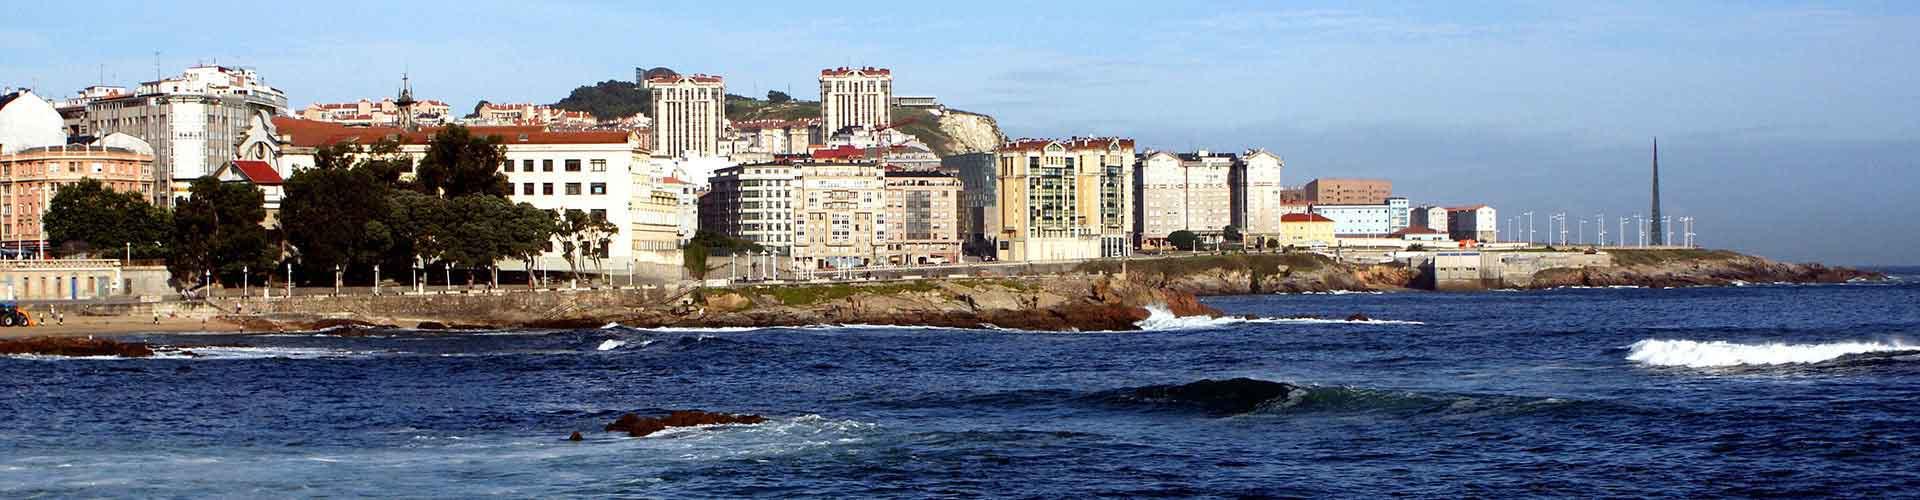 La Coruña - Hostales en La Coruña. Mapas de La Coruña, Fotos y comentarios de cada Hostal en La Coruña.